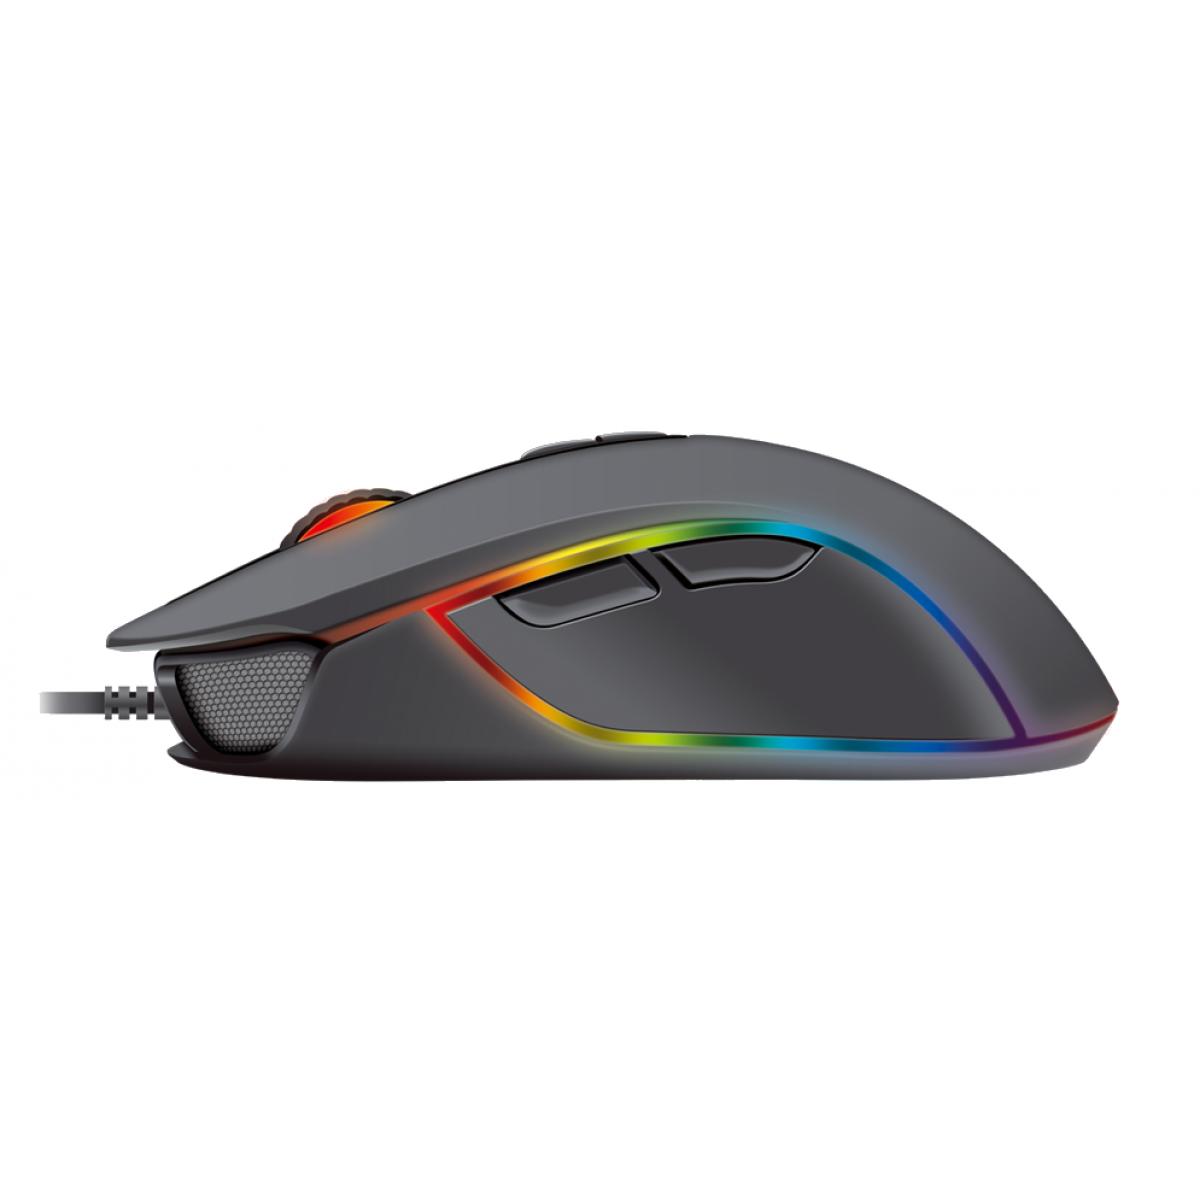 Mouse Gamer Fantech Thor X9, 4.800 DPI, 7 Botões, RGB, Black